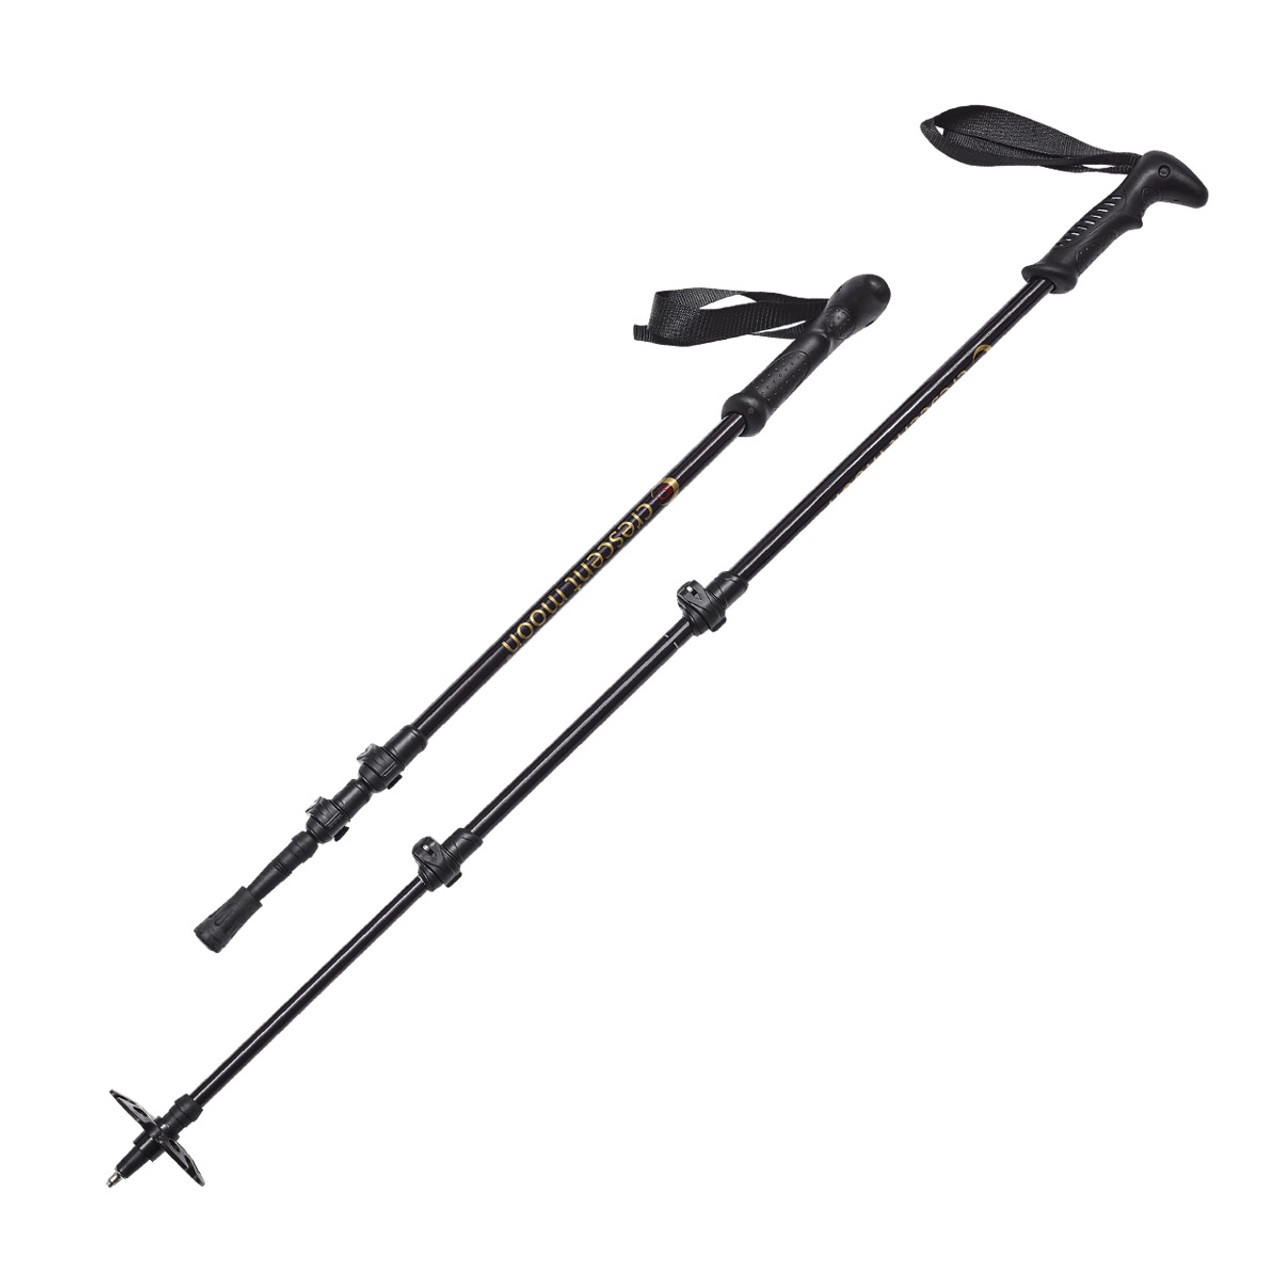 Adjustable Hiking Poles